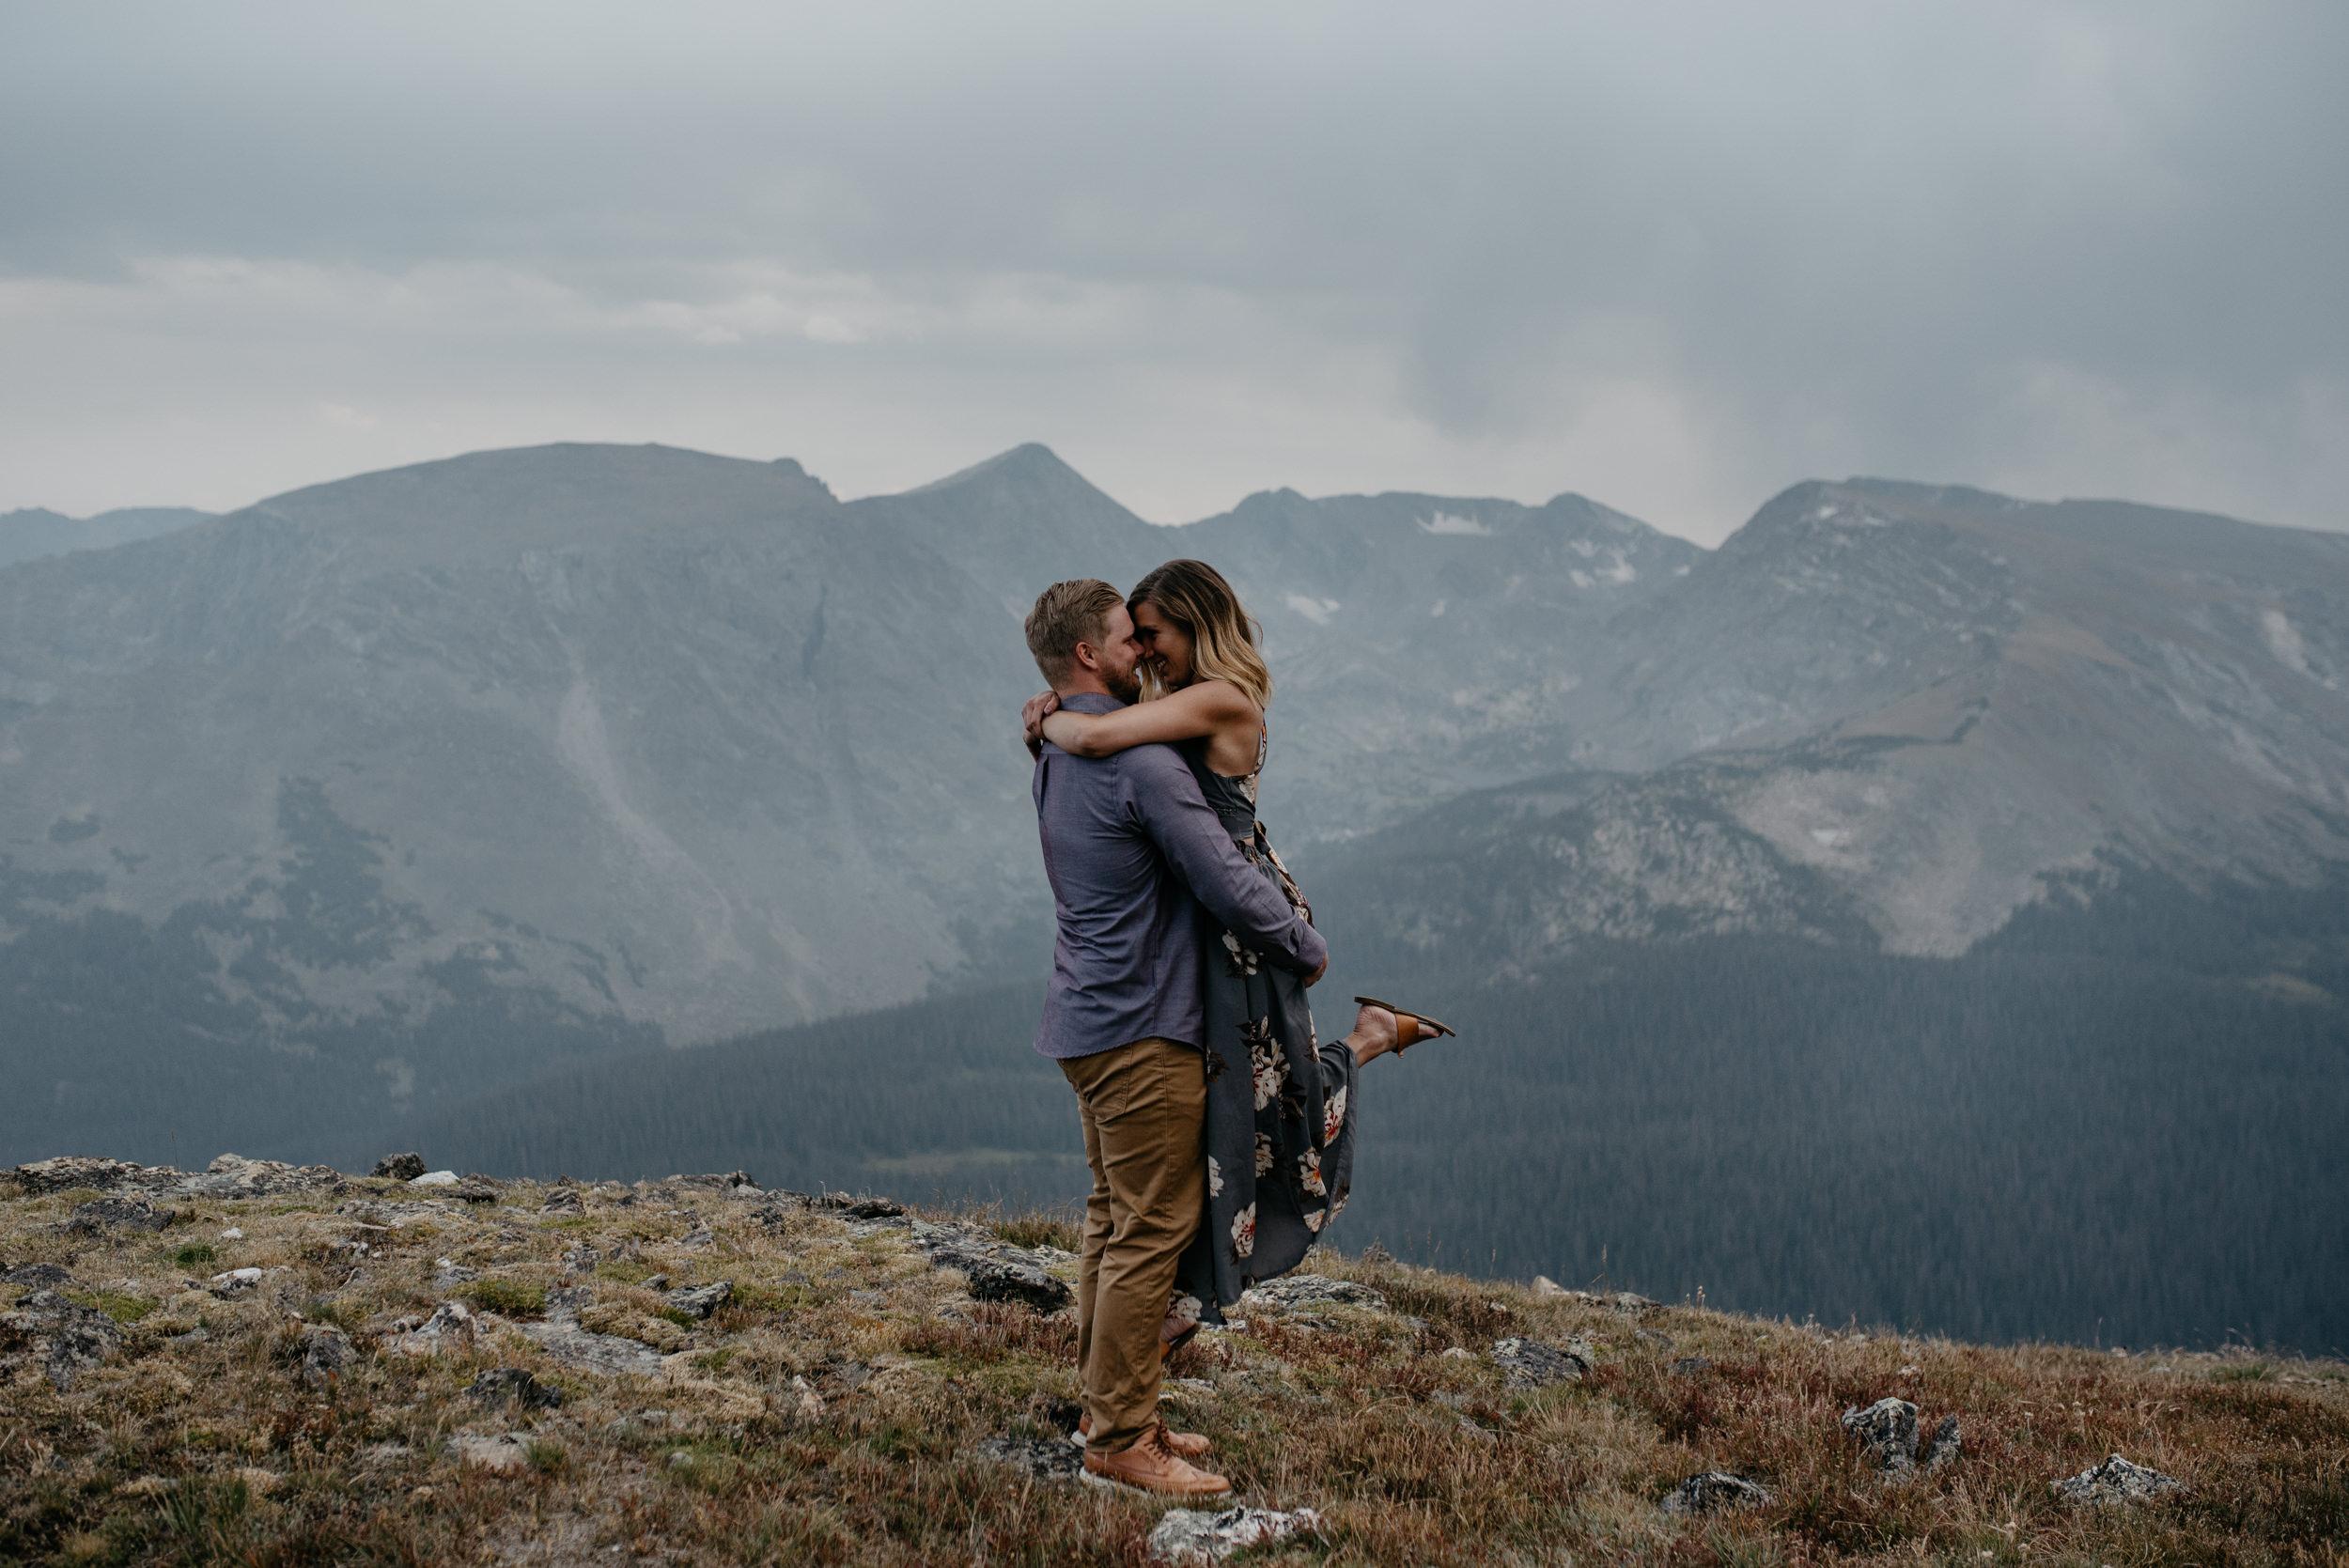 Alyssa Reinhold, Colorado wedding photographer. Mountaintop elopement photos in Colorado.